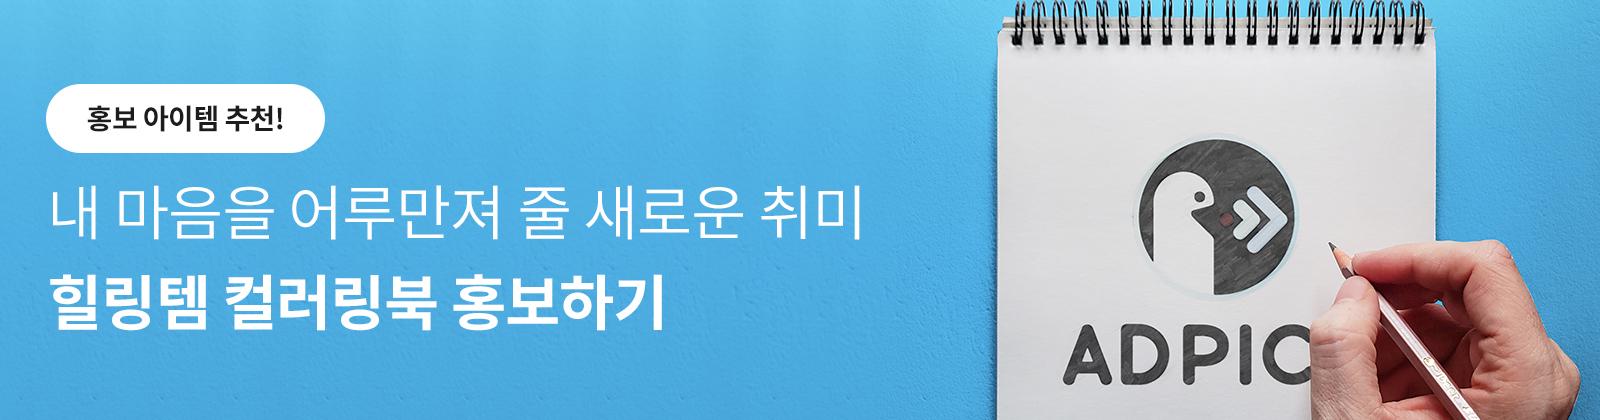 홍보 아이템 추천 (컬러링북)